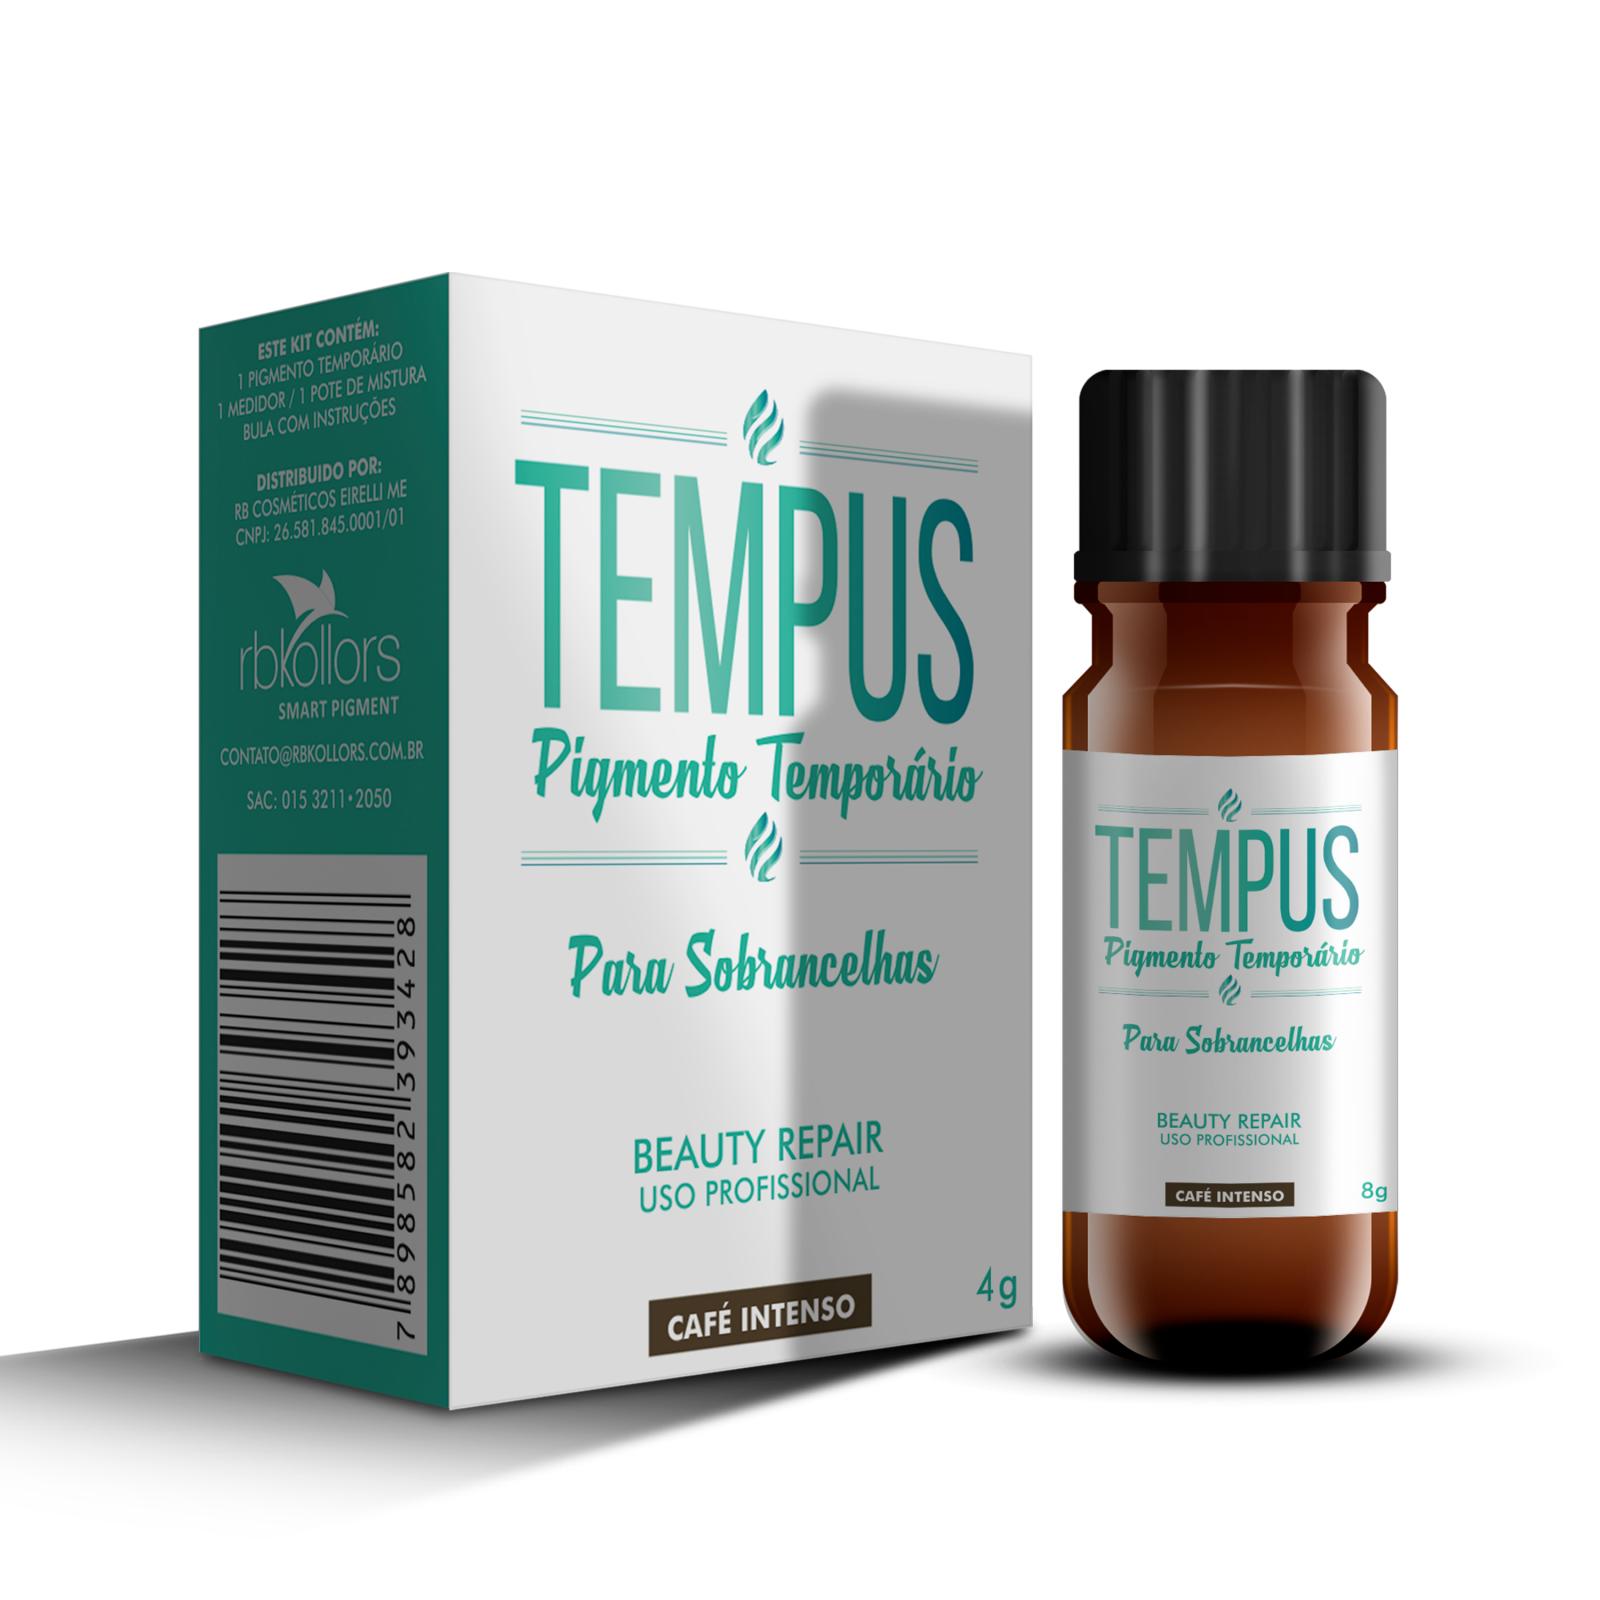 TEMPUS PIGMENTO TEMPORARIO - CAFE INTENSO 4G - RB Kollors